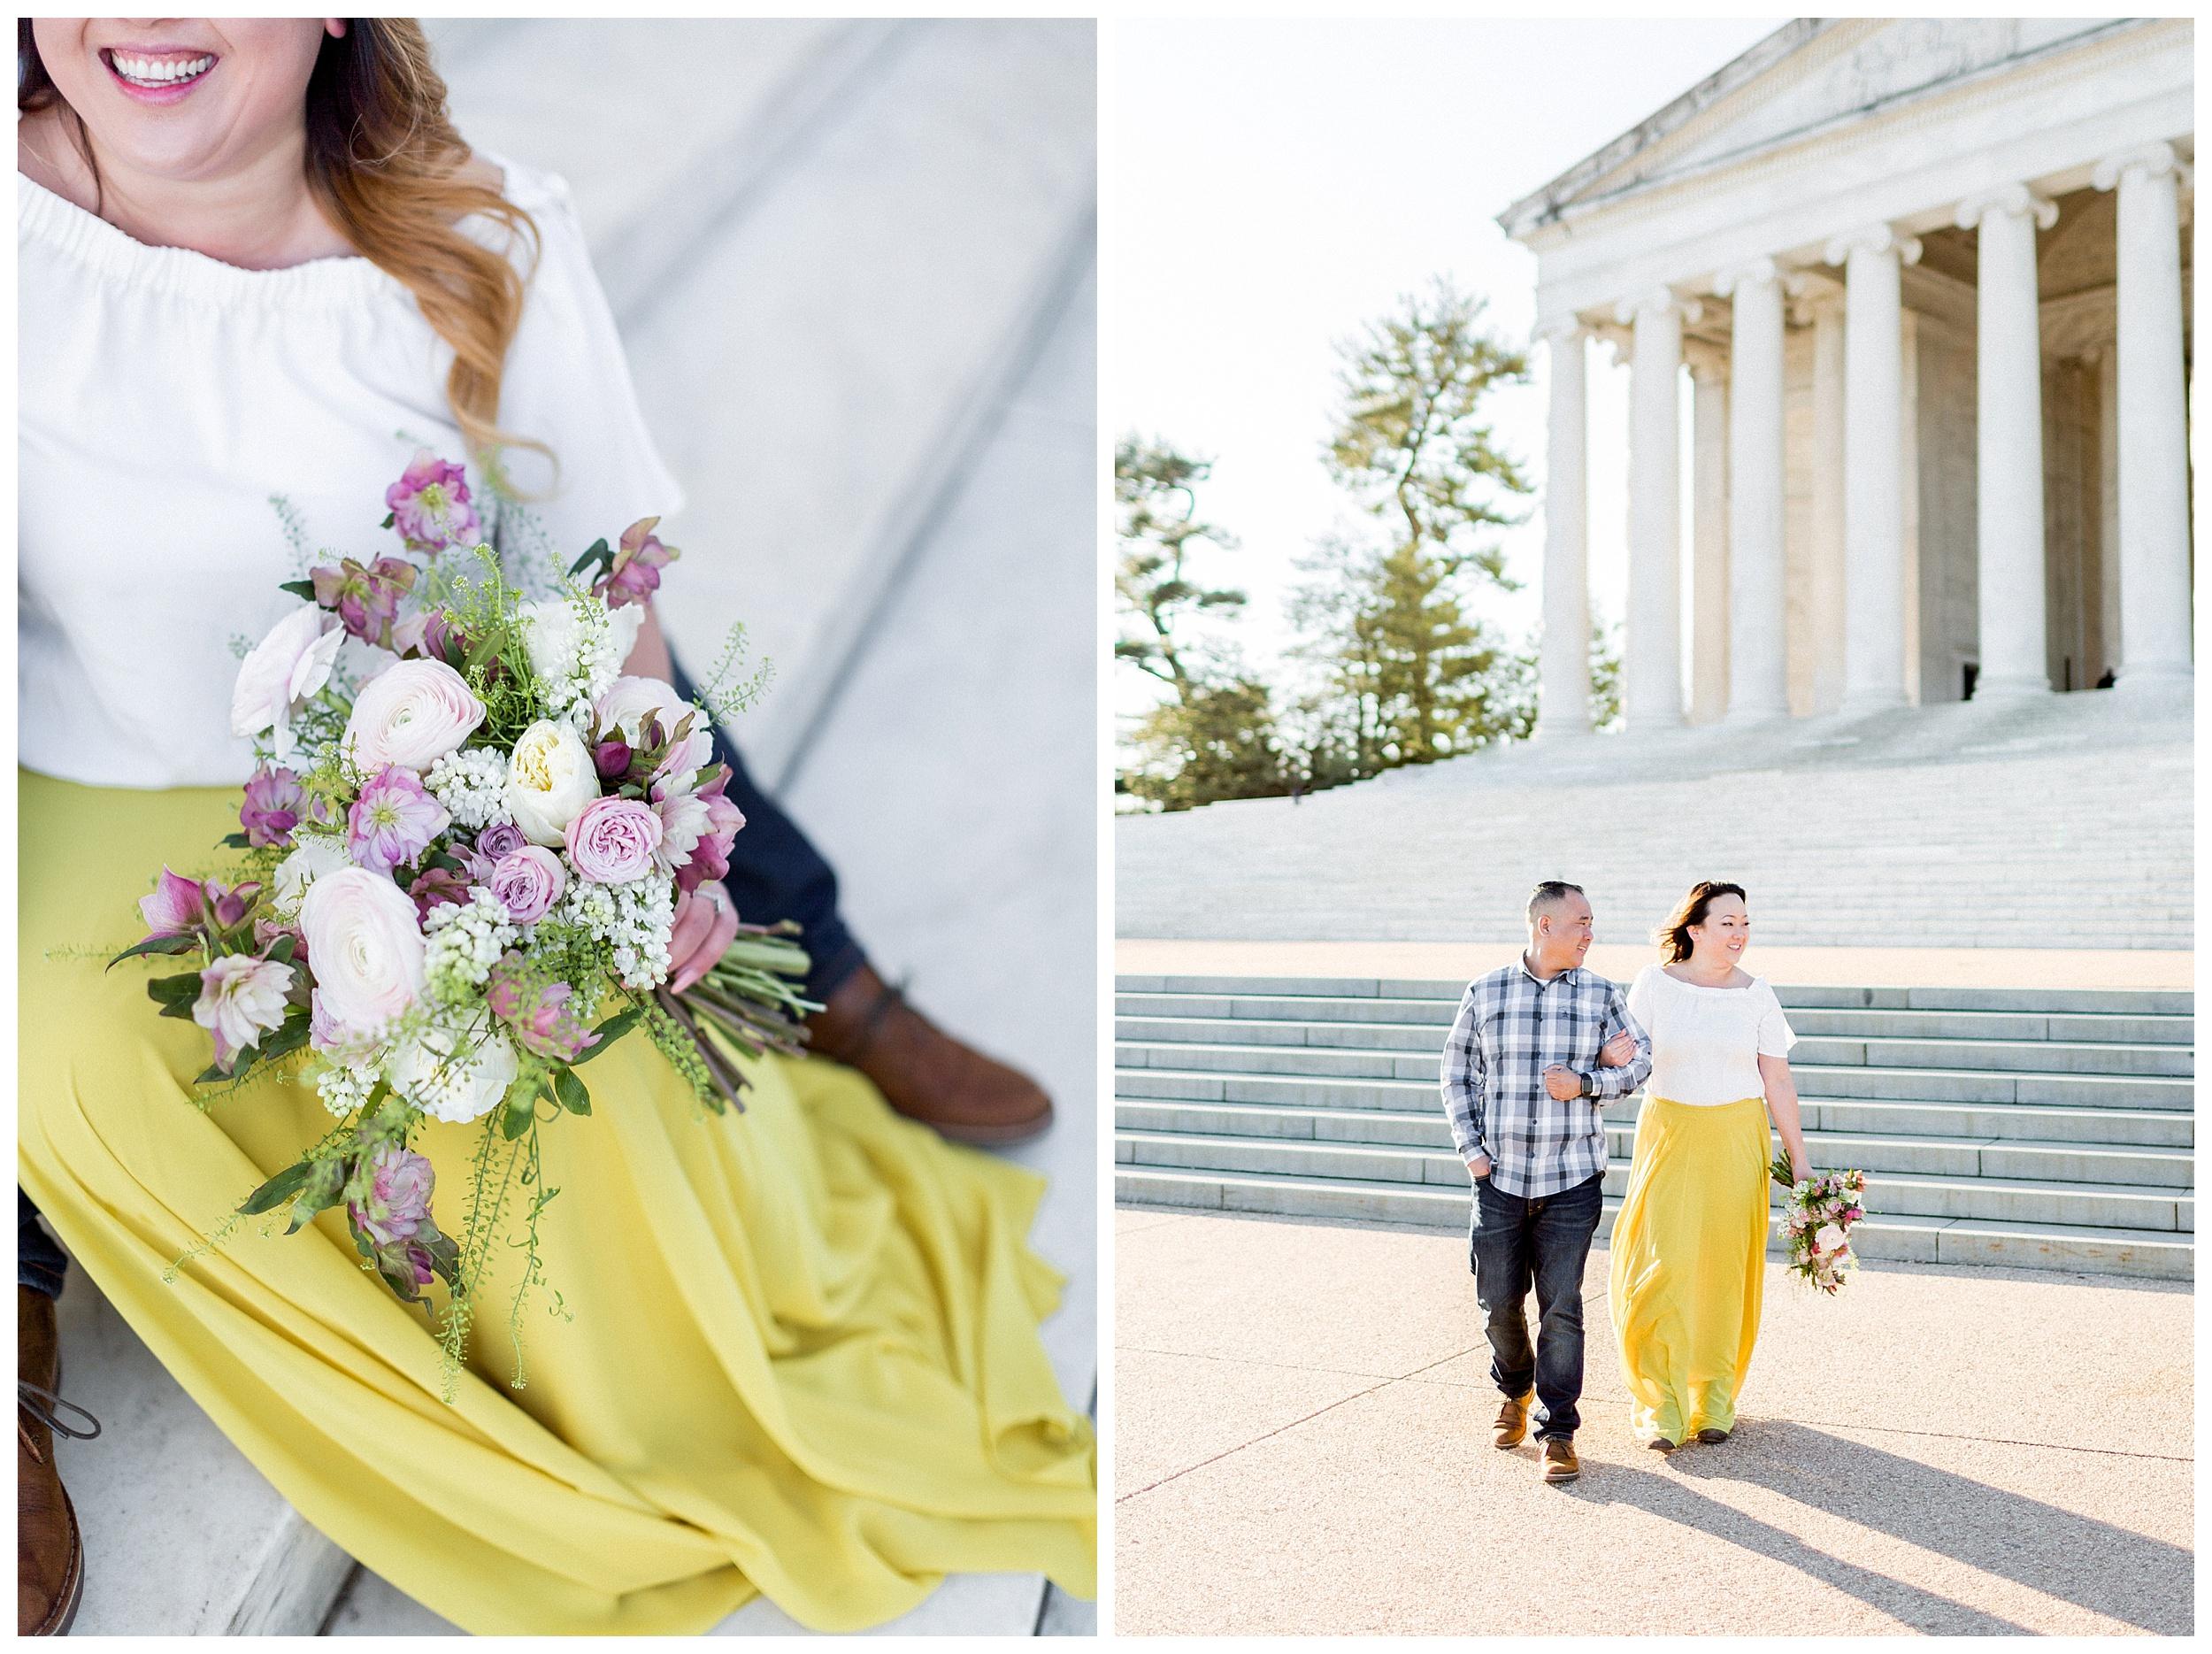 Washington DC Engagement Photos | Thomas Jefferson Engagement Session_0004.jpg